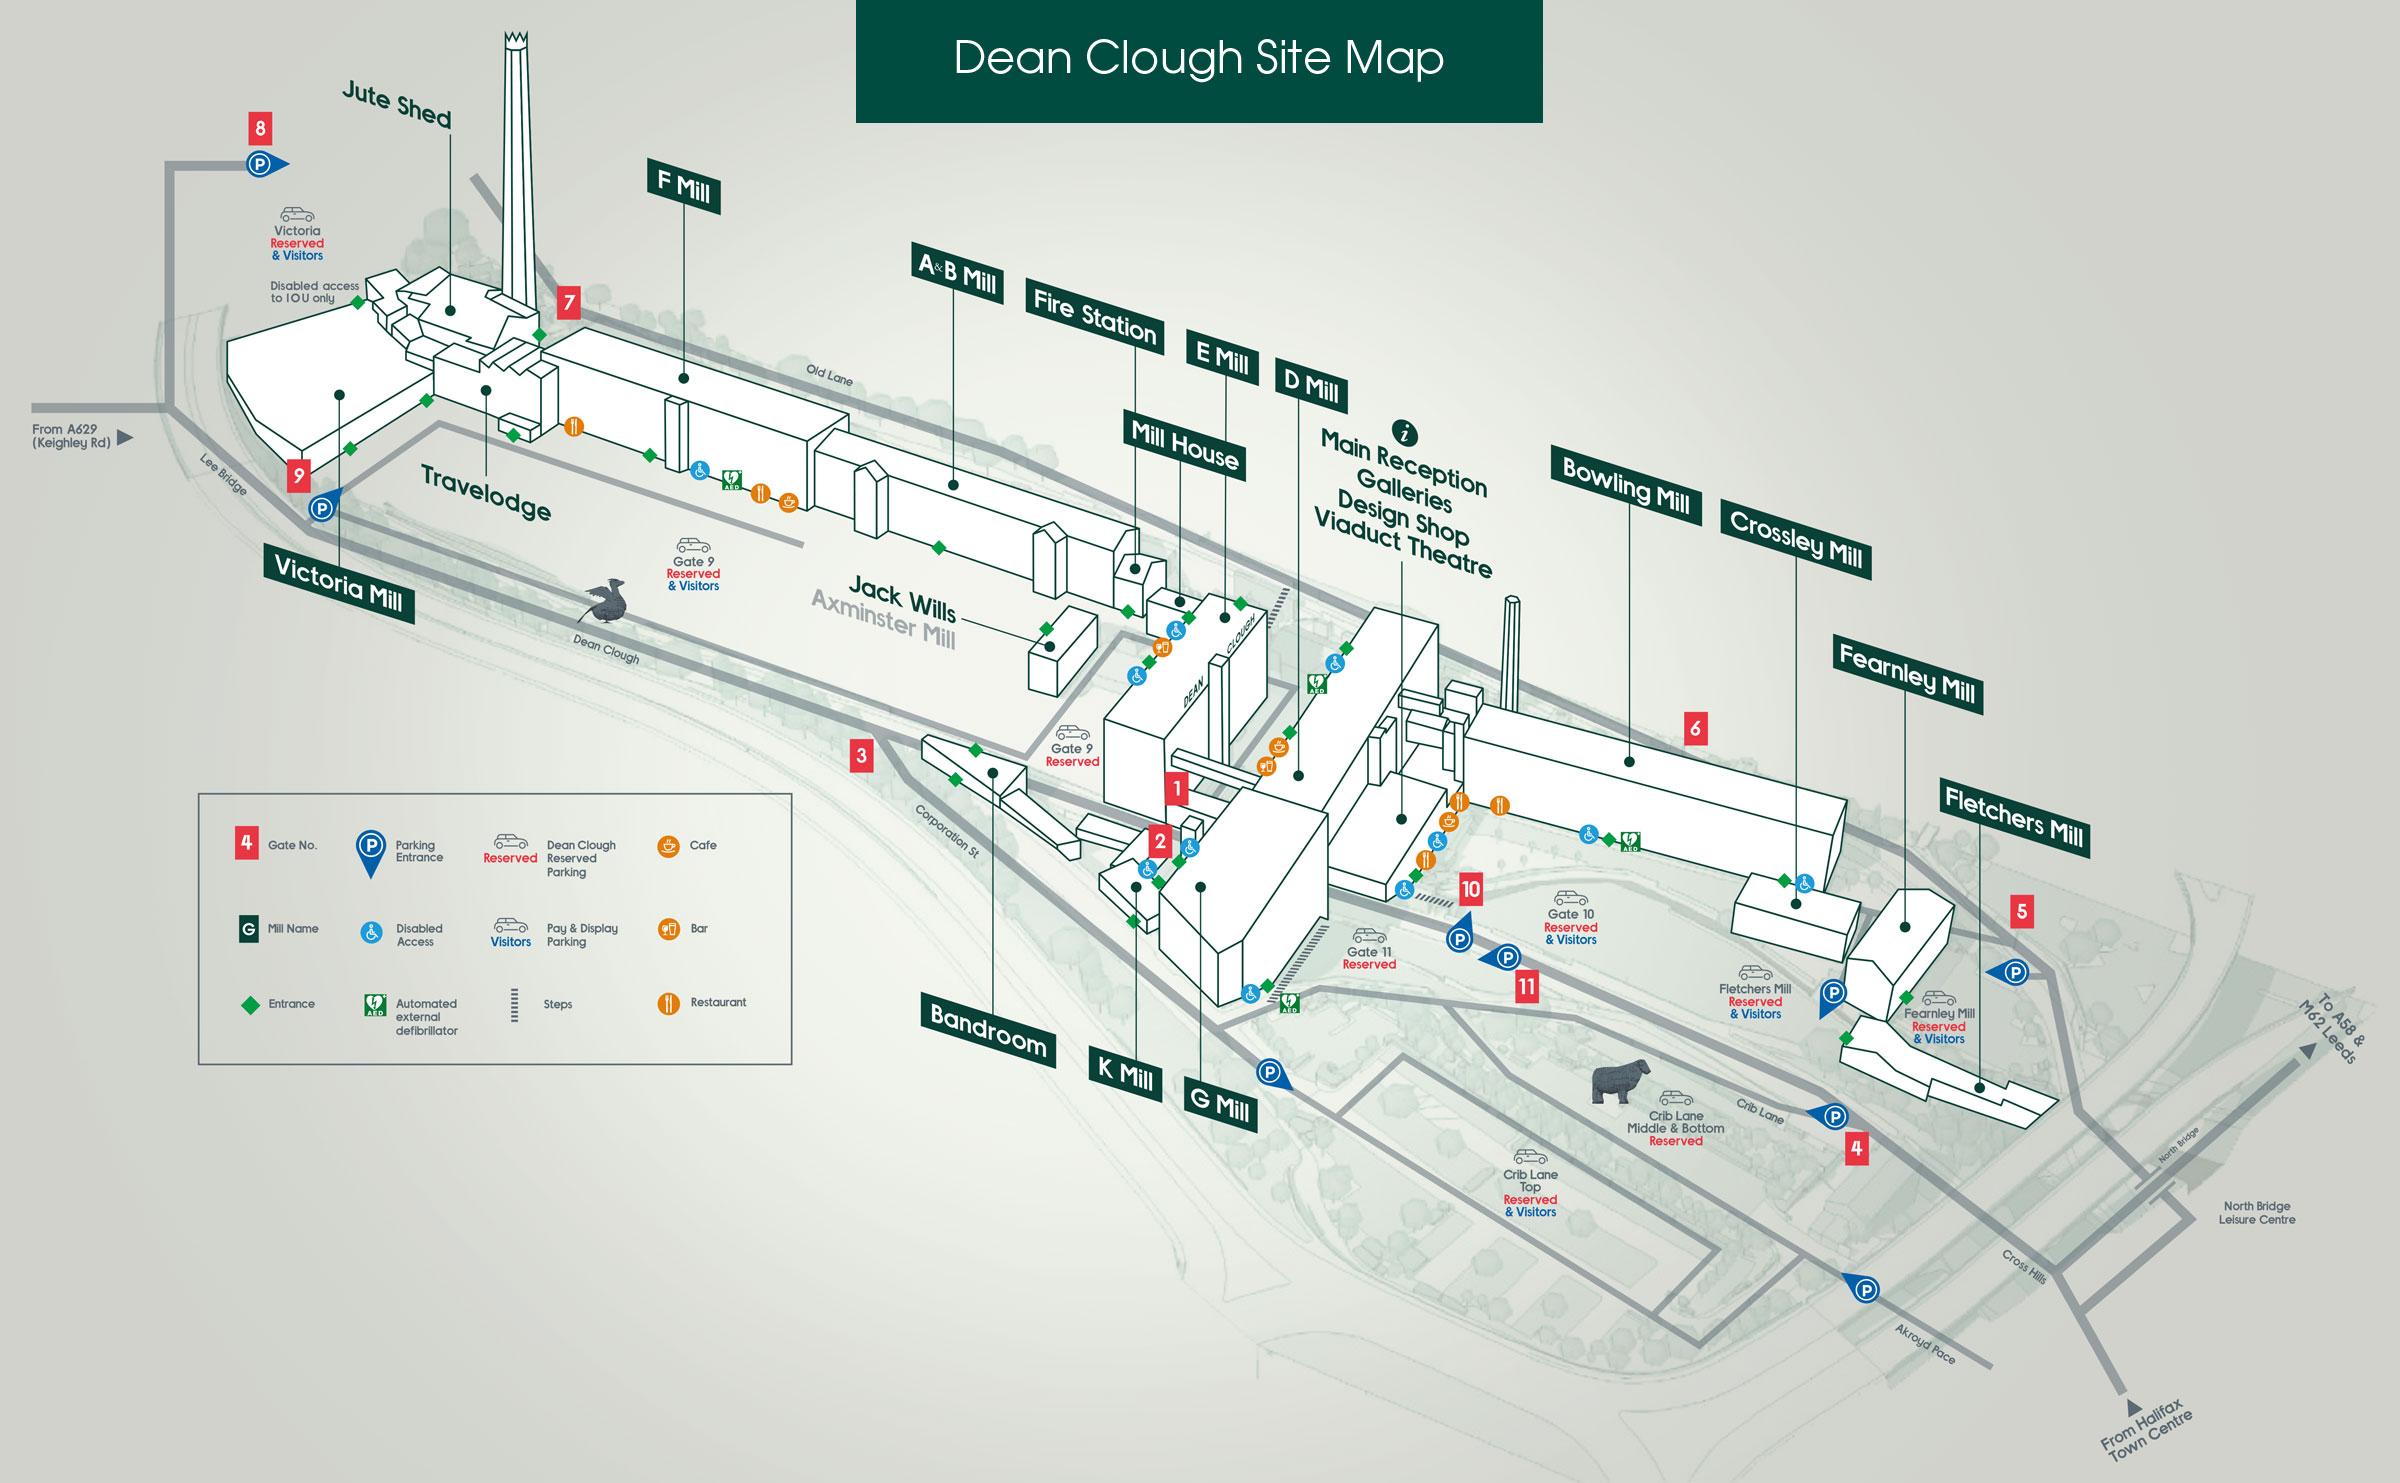 A site map of Dean Clough